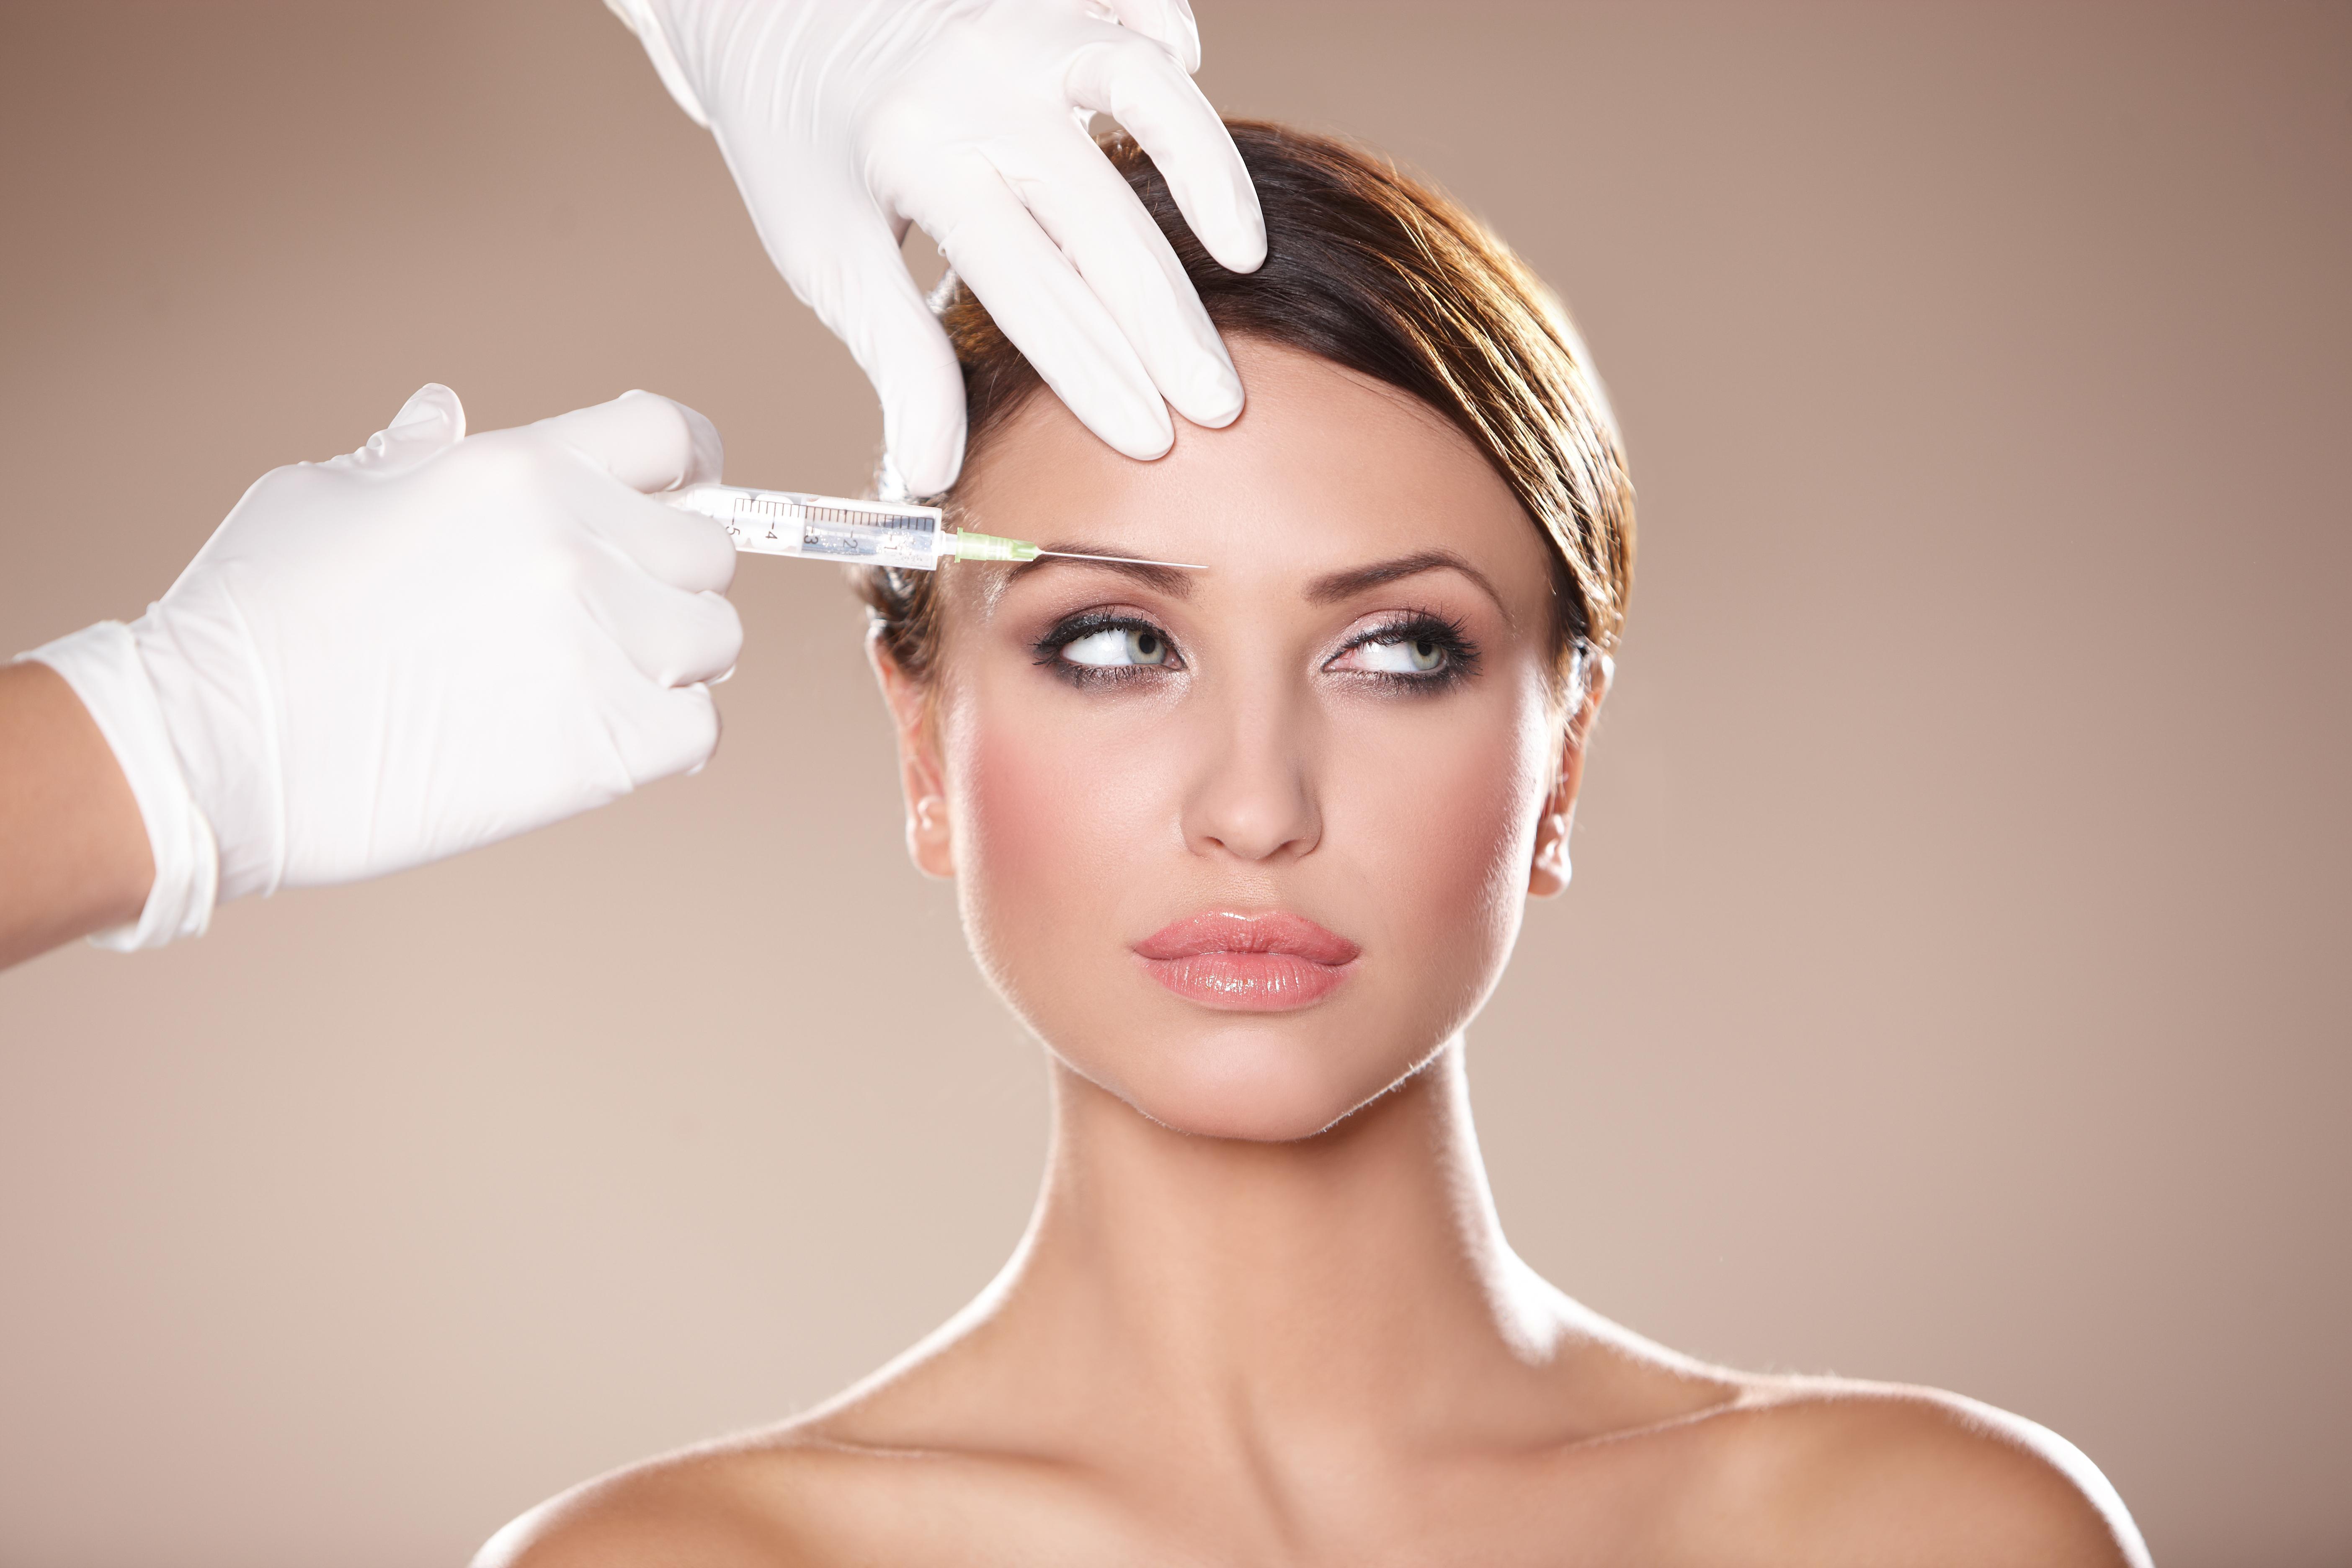 Liposuzione, botox...: nel 2014 un milione di interventi estetici